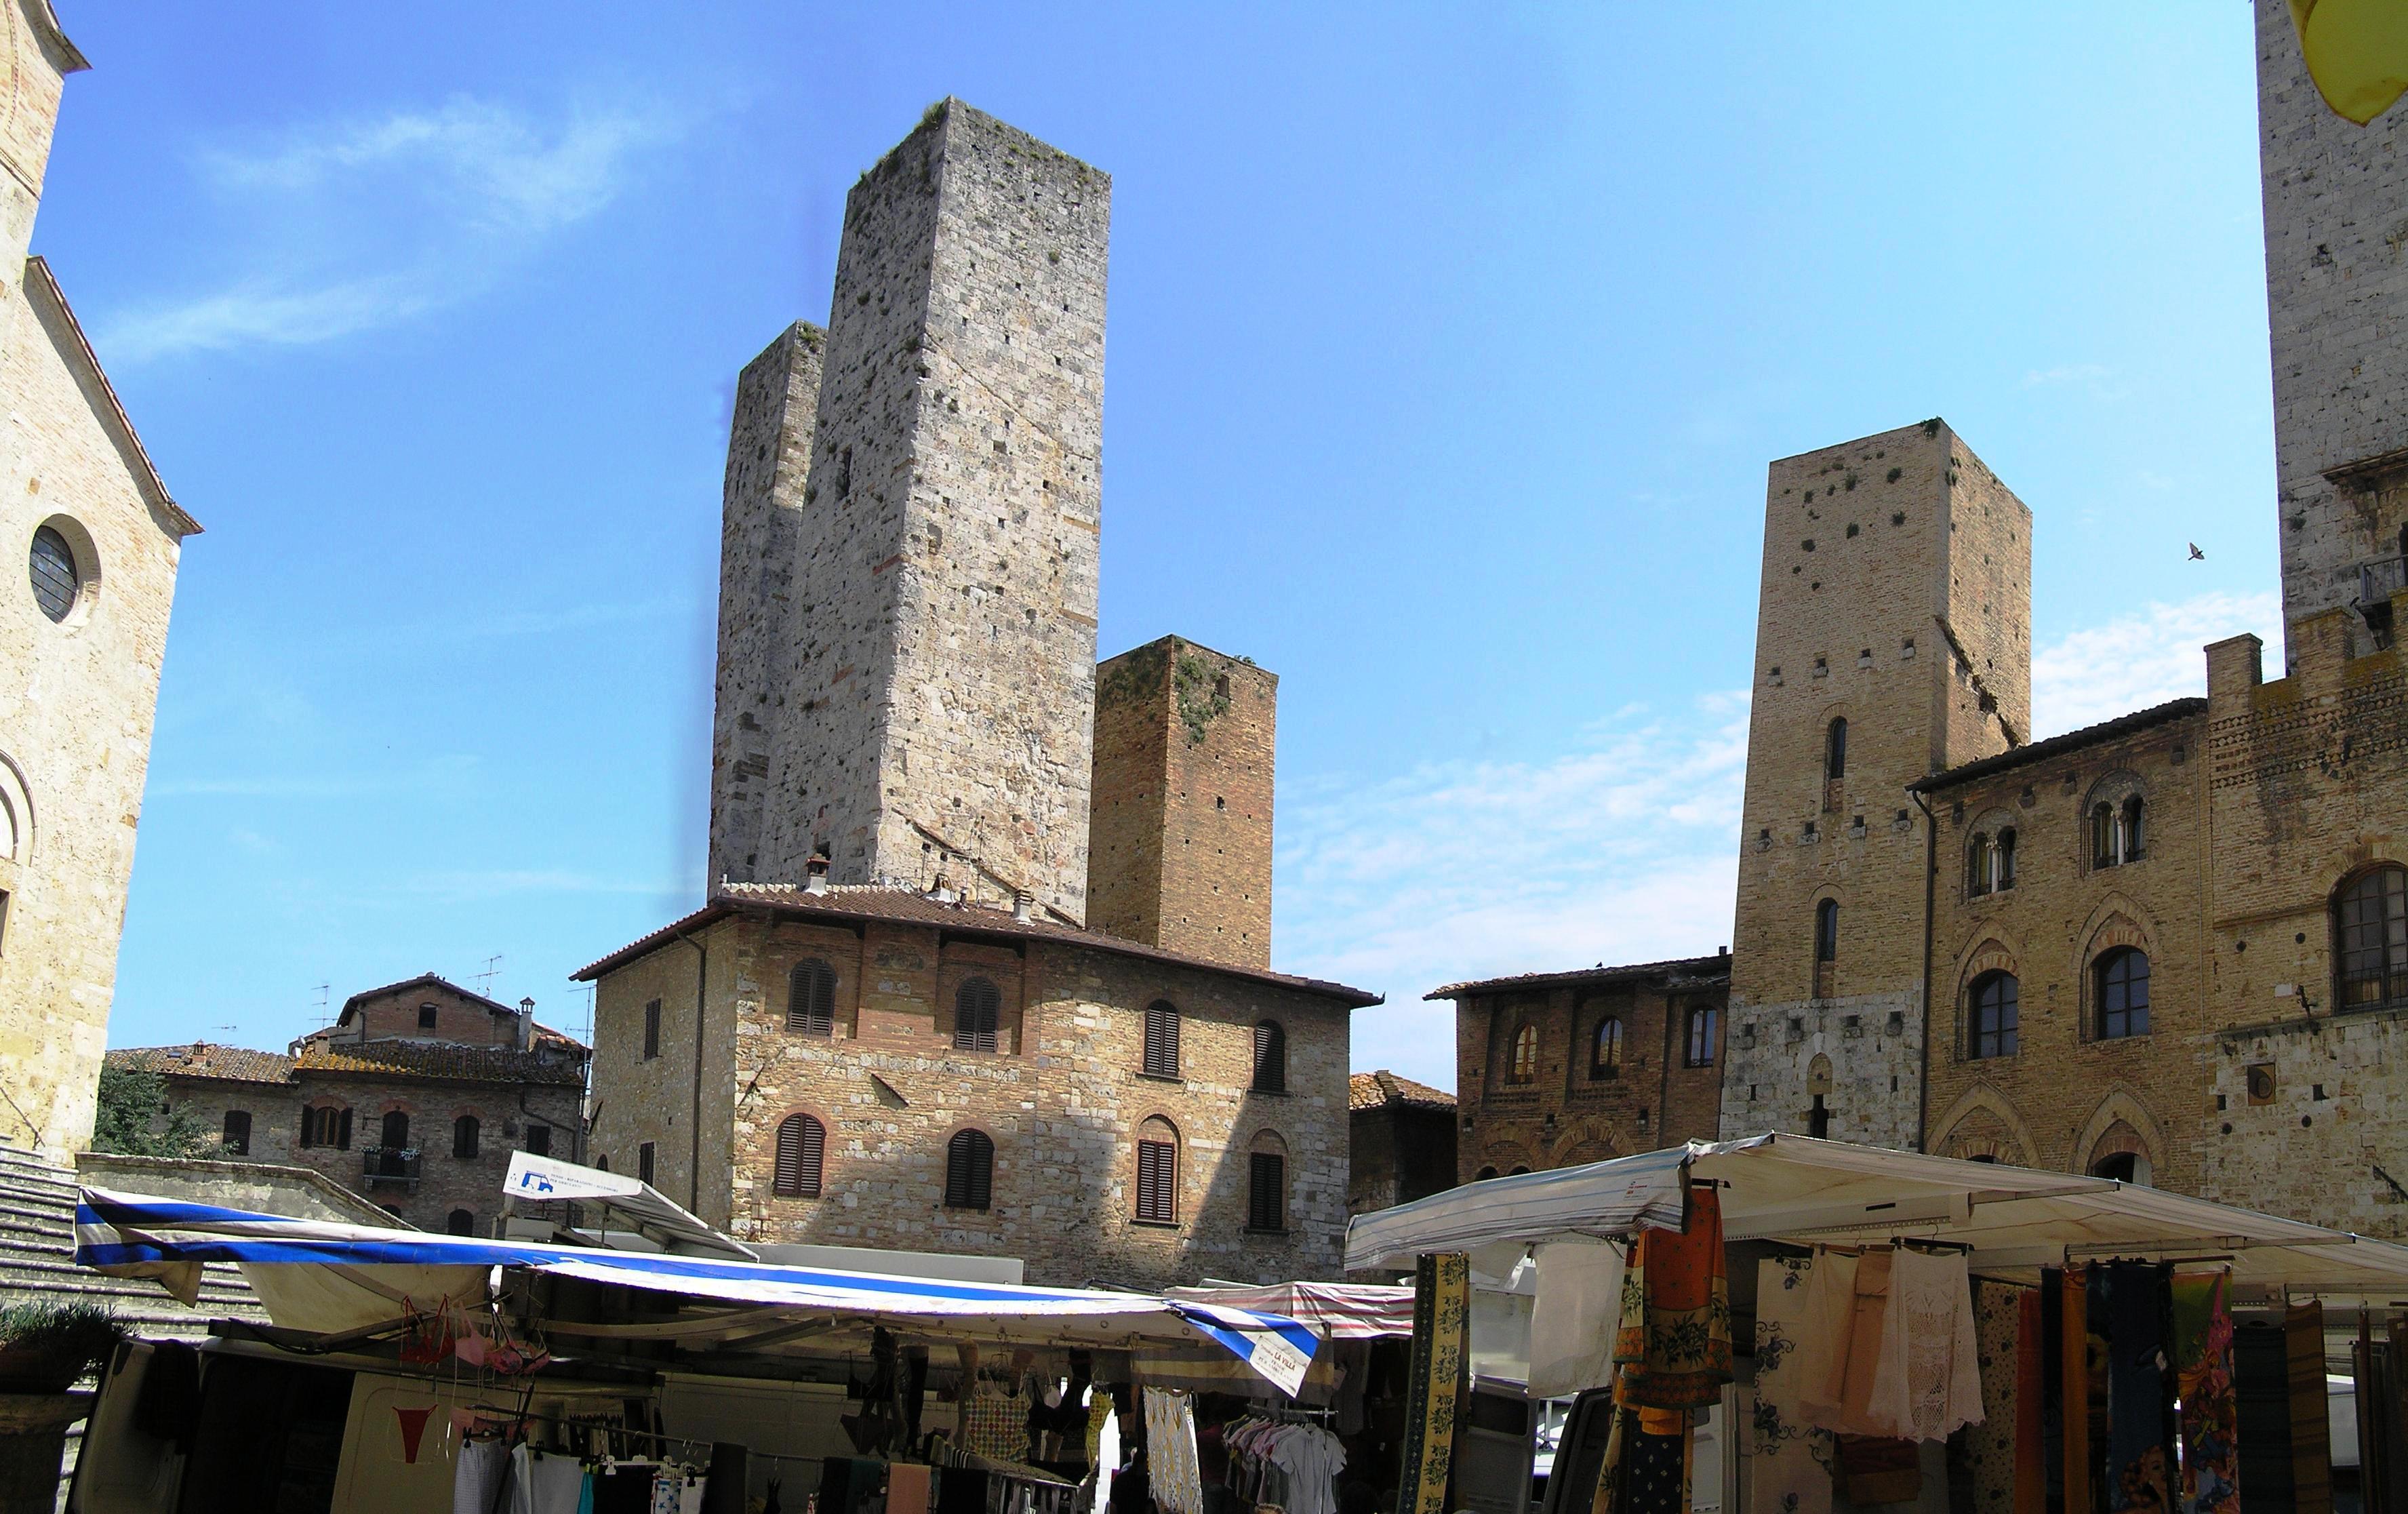 Itálie, Toskánsko - San Gimignano, na Piazza del Duomo